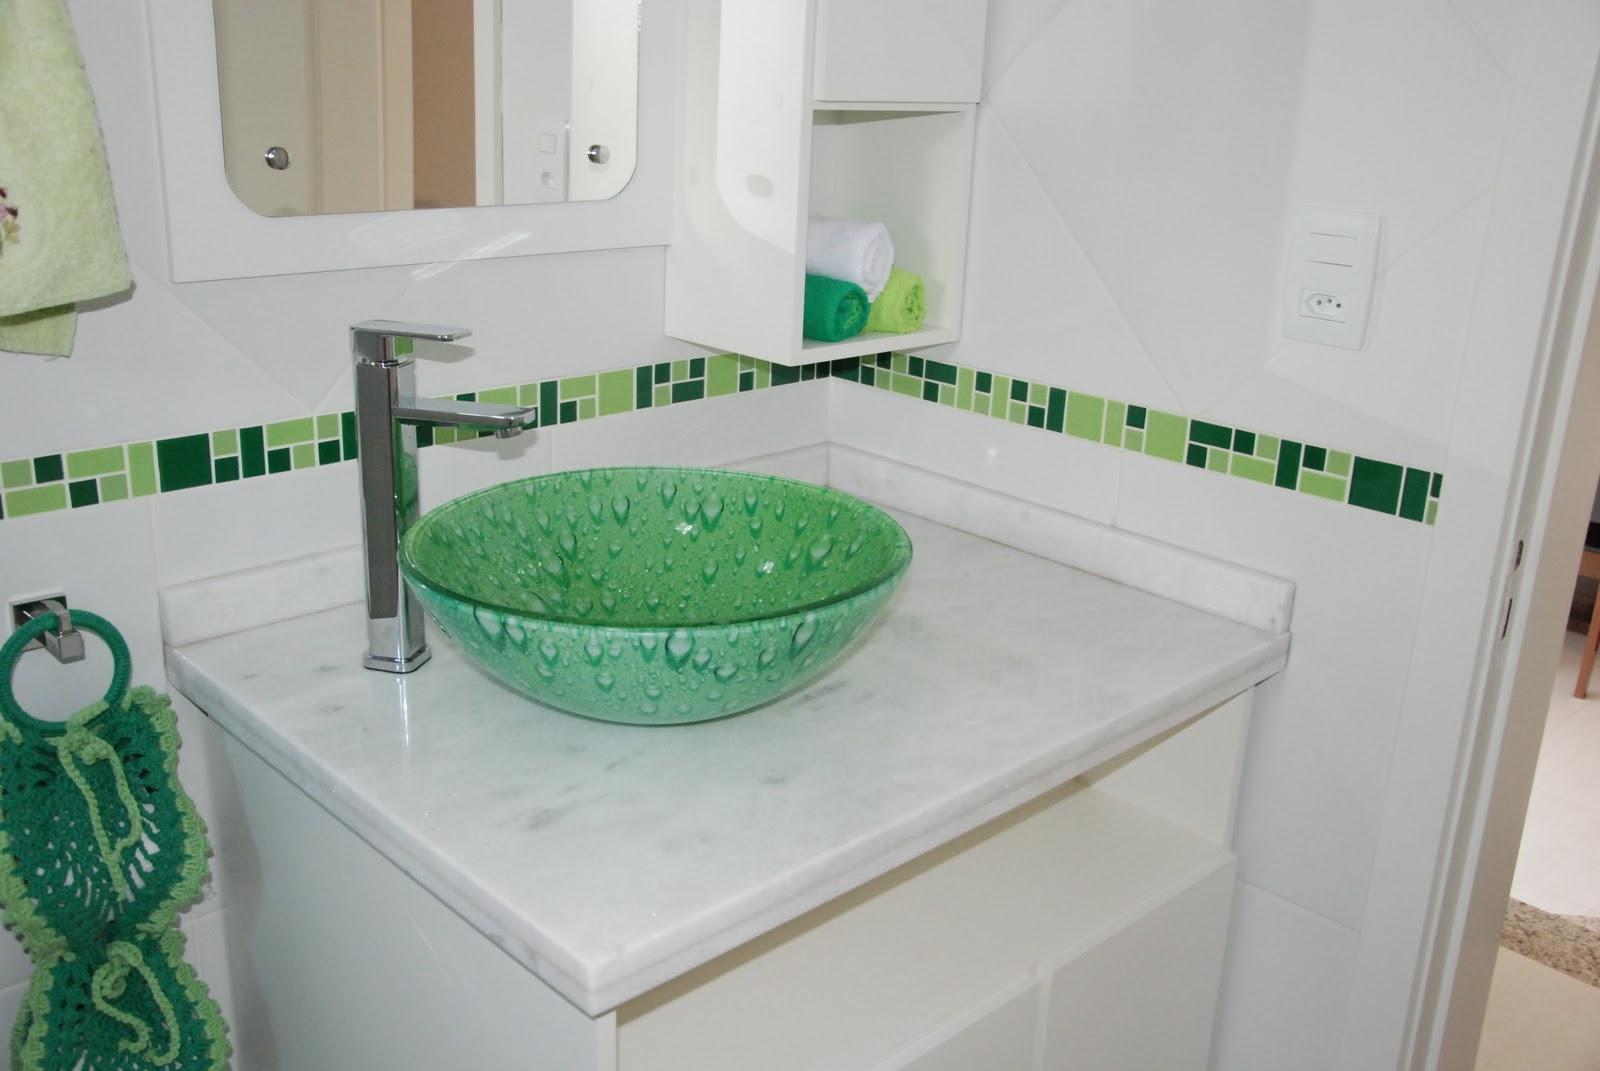 Bancada em Mármore Branco com cuba sobreposta Marmoraria MPK #184532 1600x1071 Banheiro Bancada De Marmore